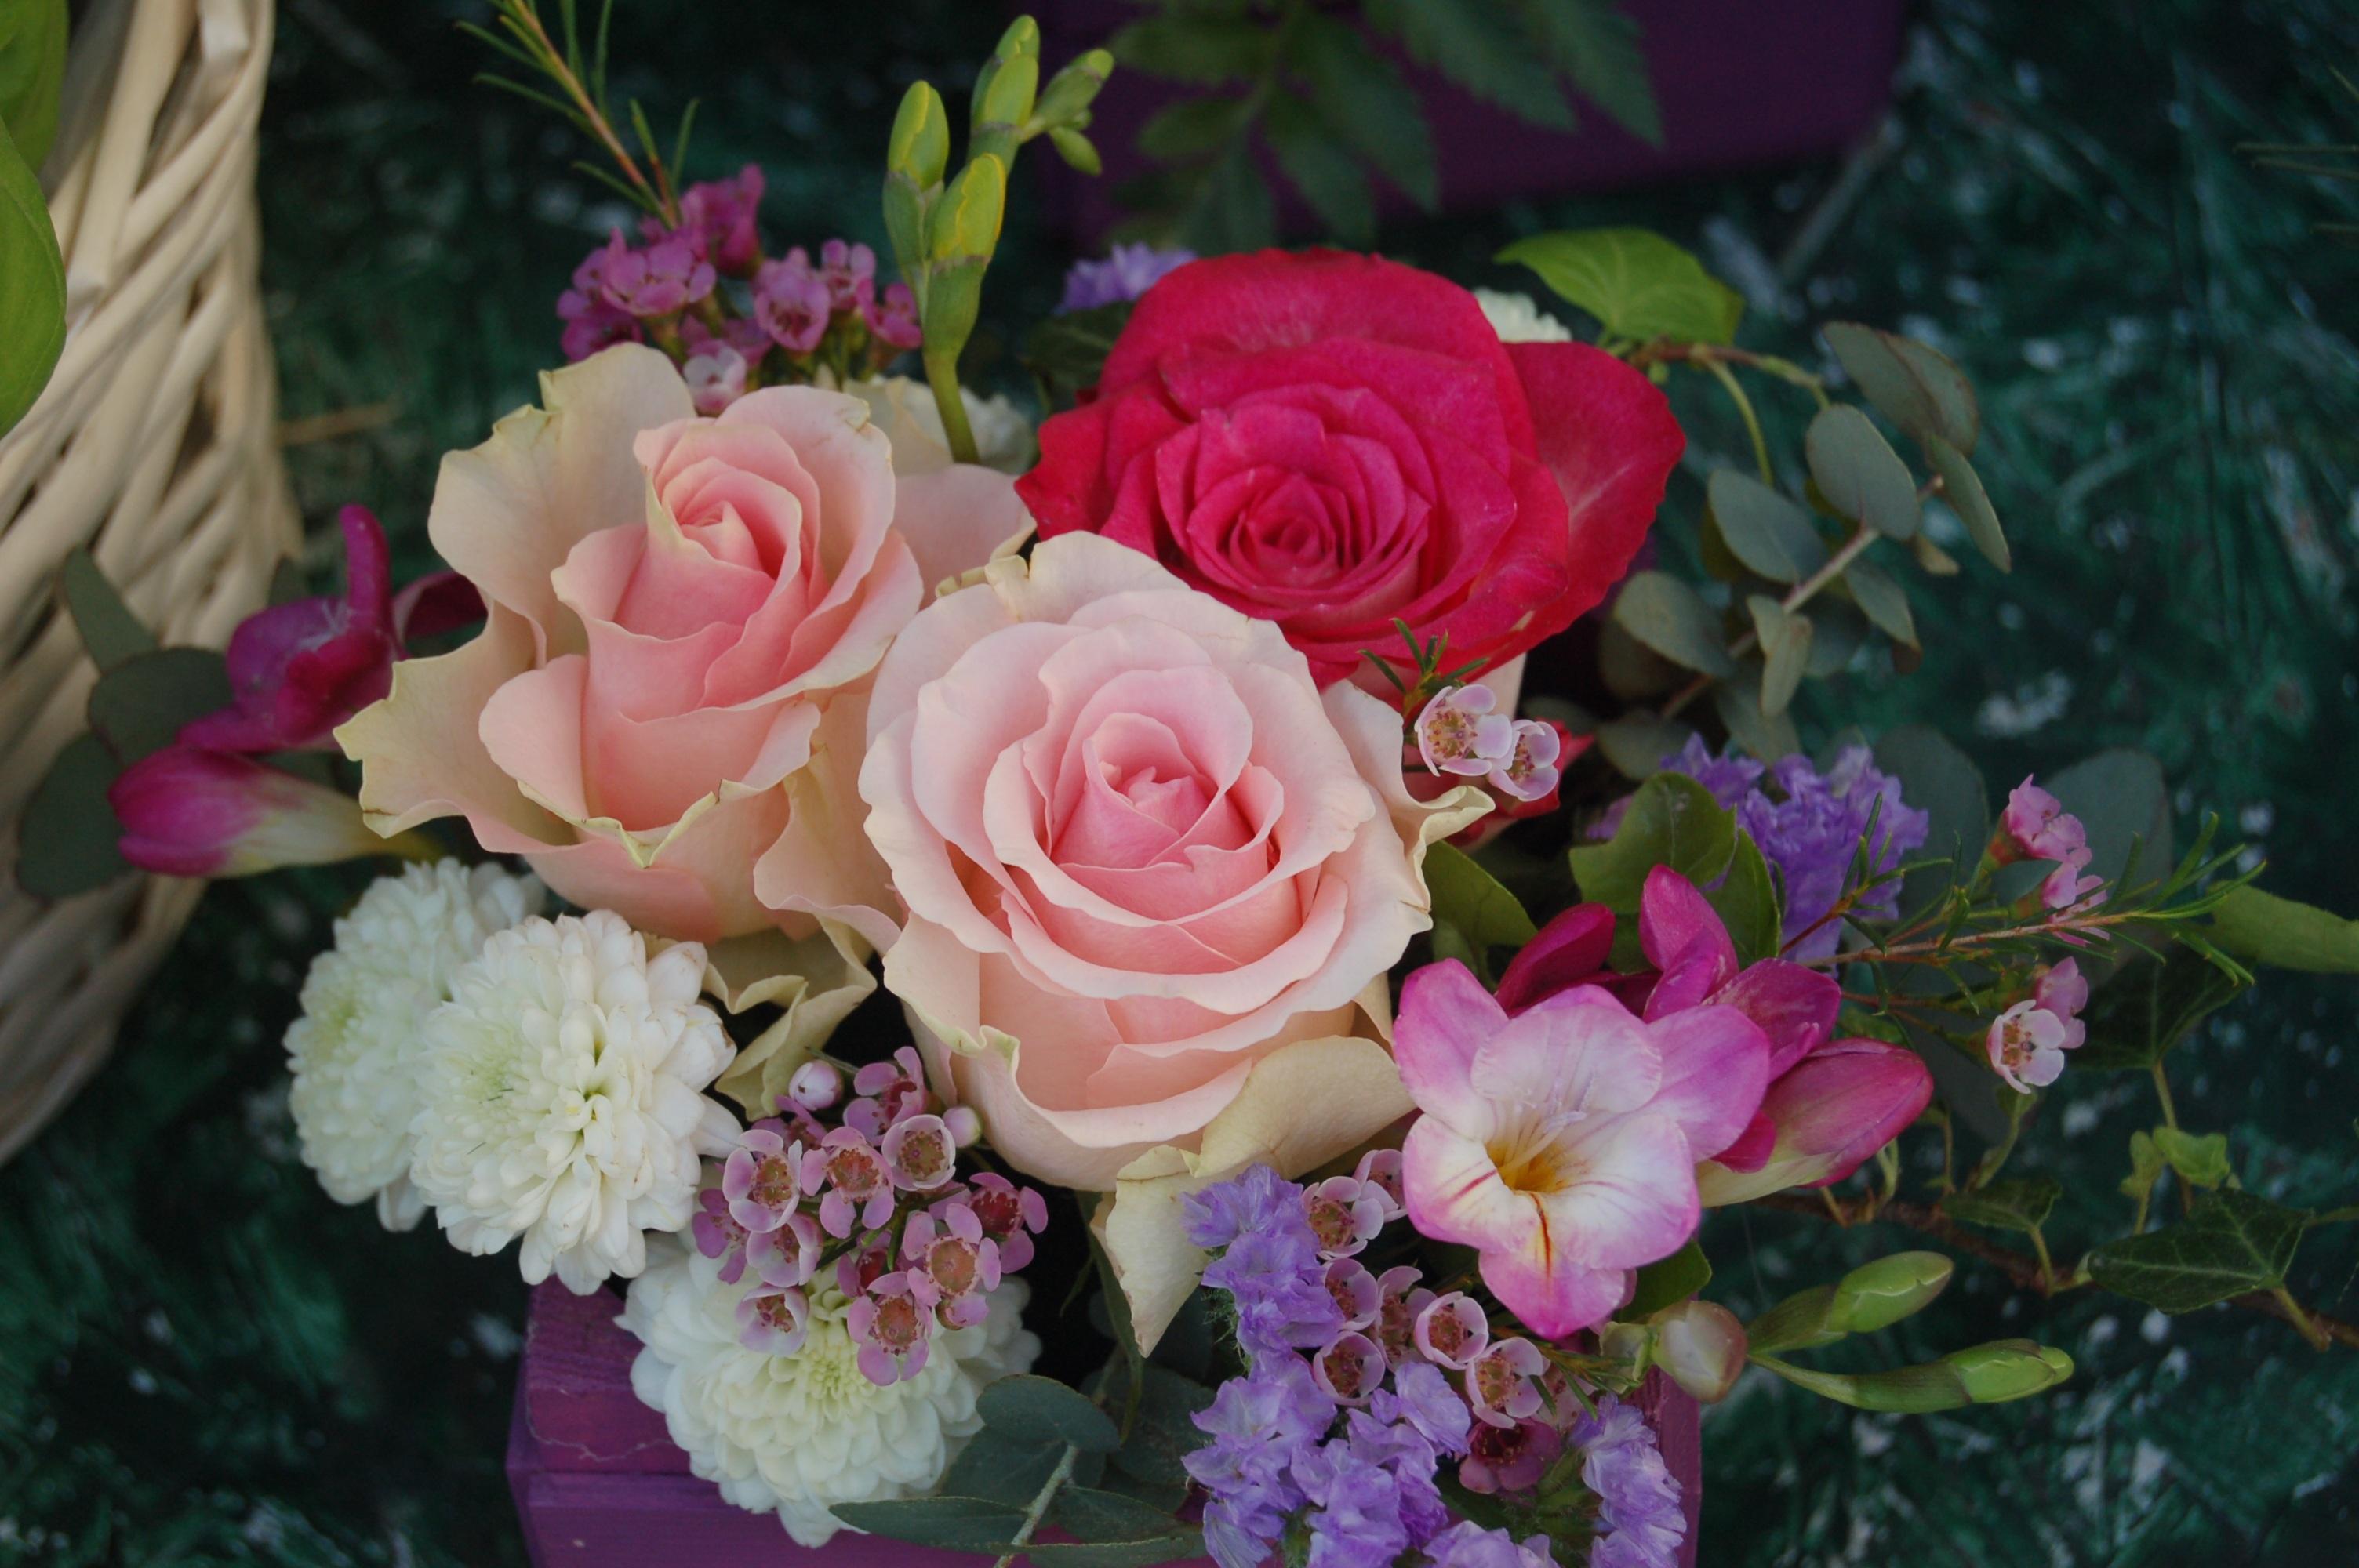 صورة صور ورود جميلة , صور اجمل الورود والازهار الجميلة